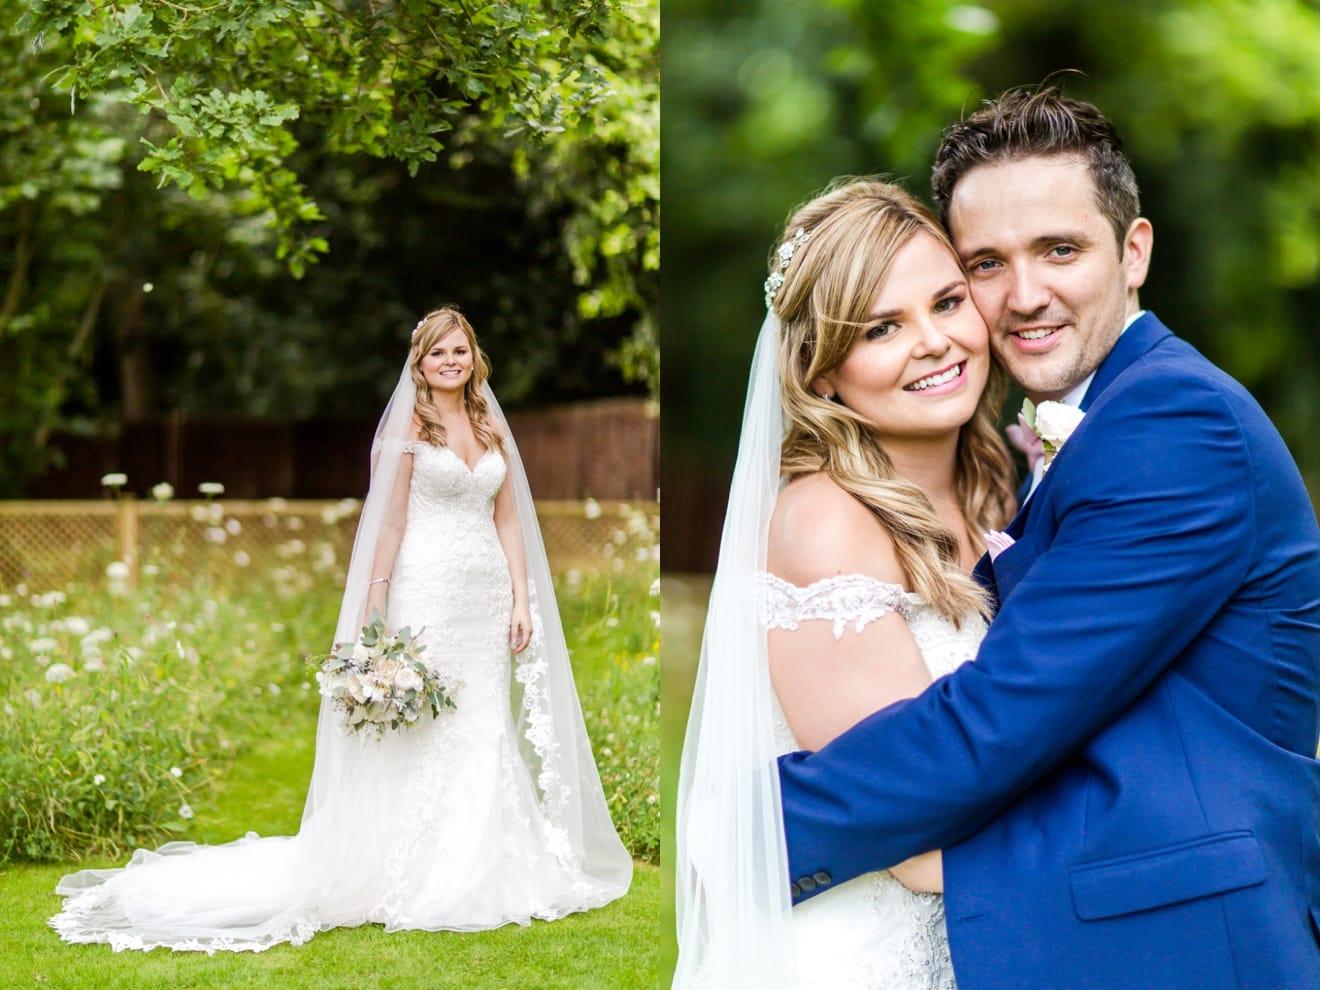 27-ClaireSam-Millbridge-Court-wedding-Eddie-Judd-Photography